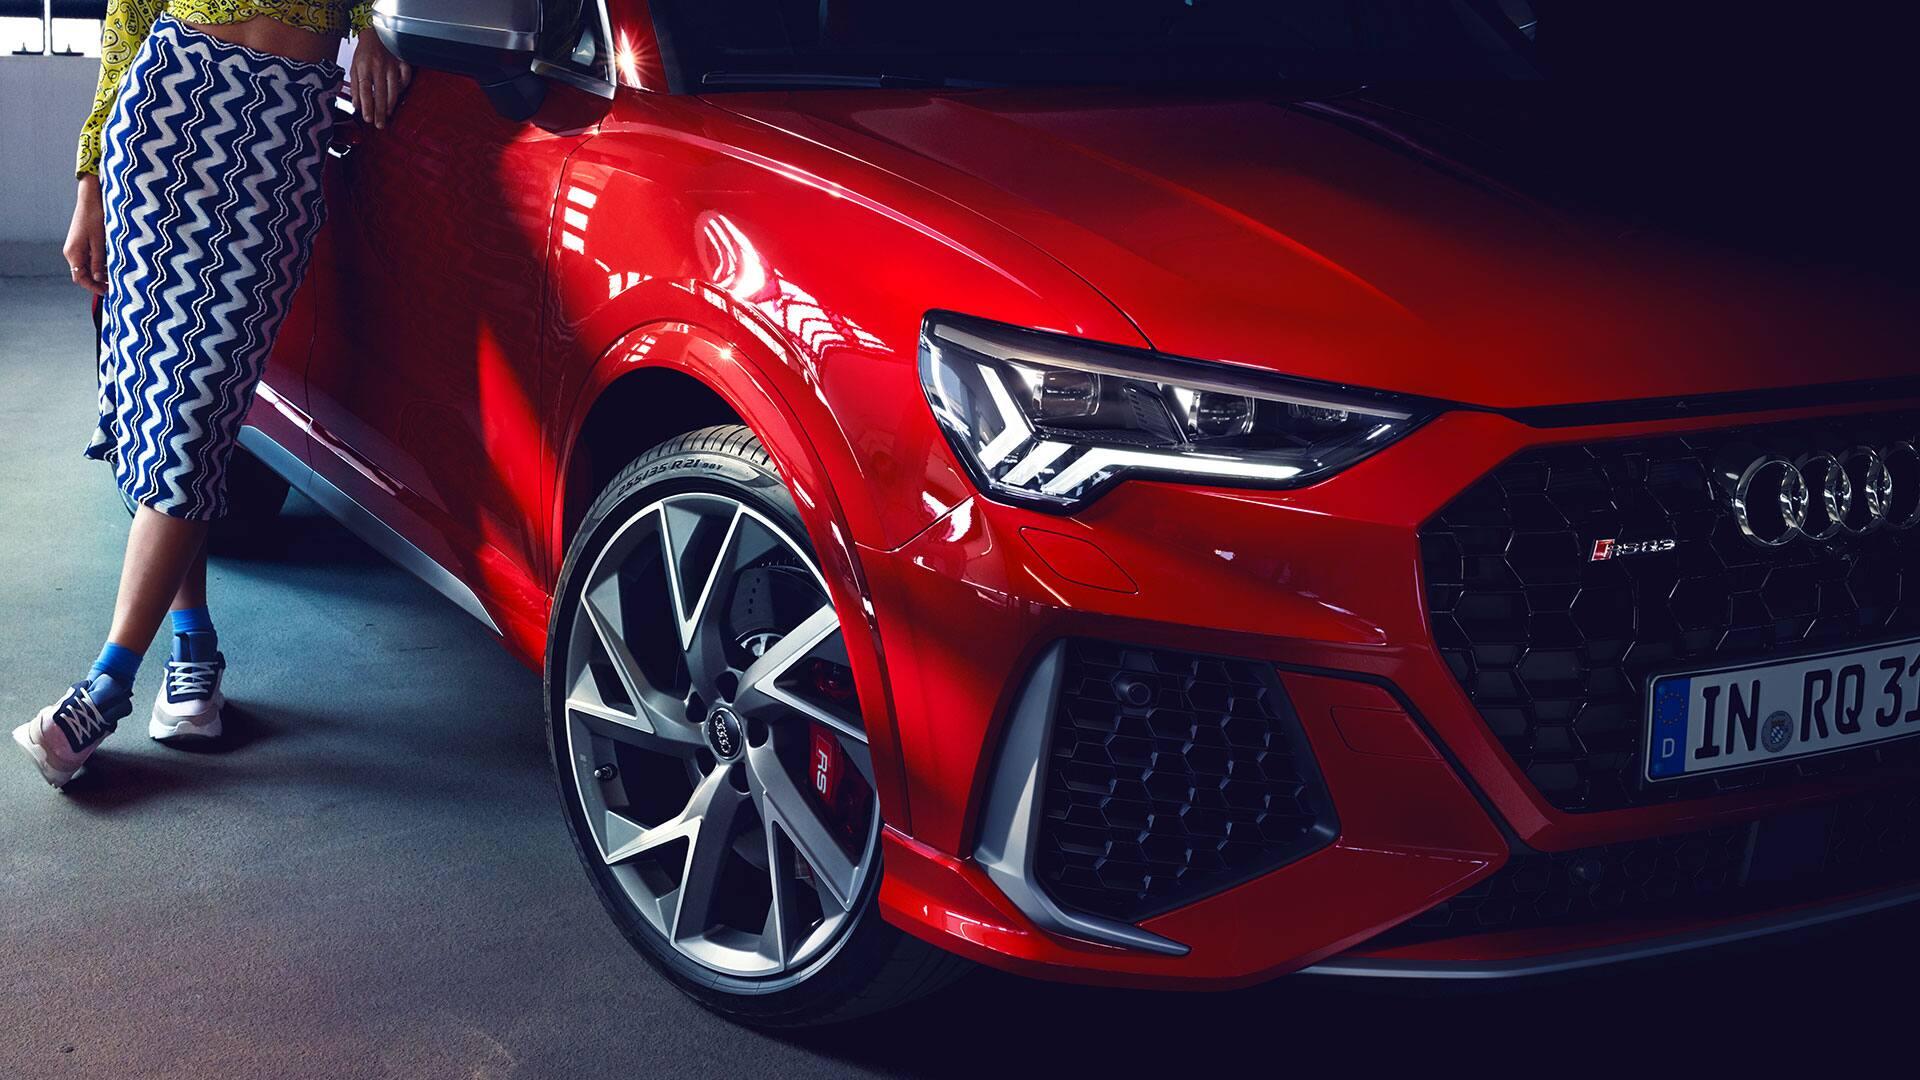 Der Audi RS Q3 in der Frontansicht